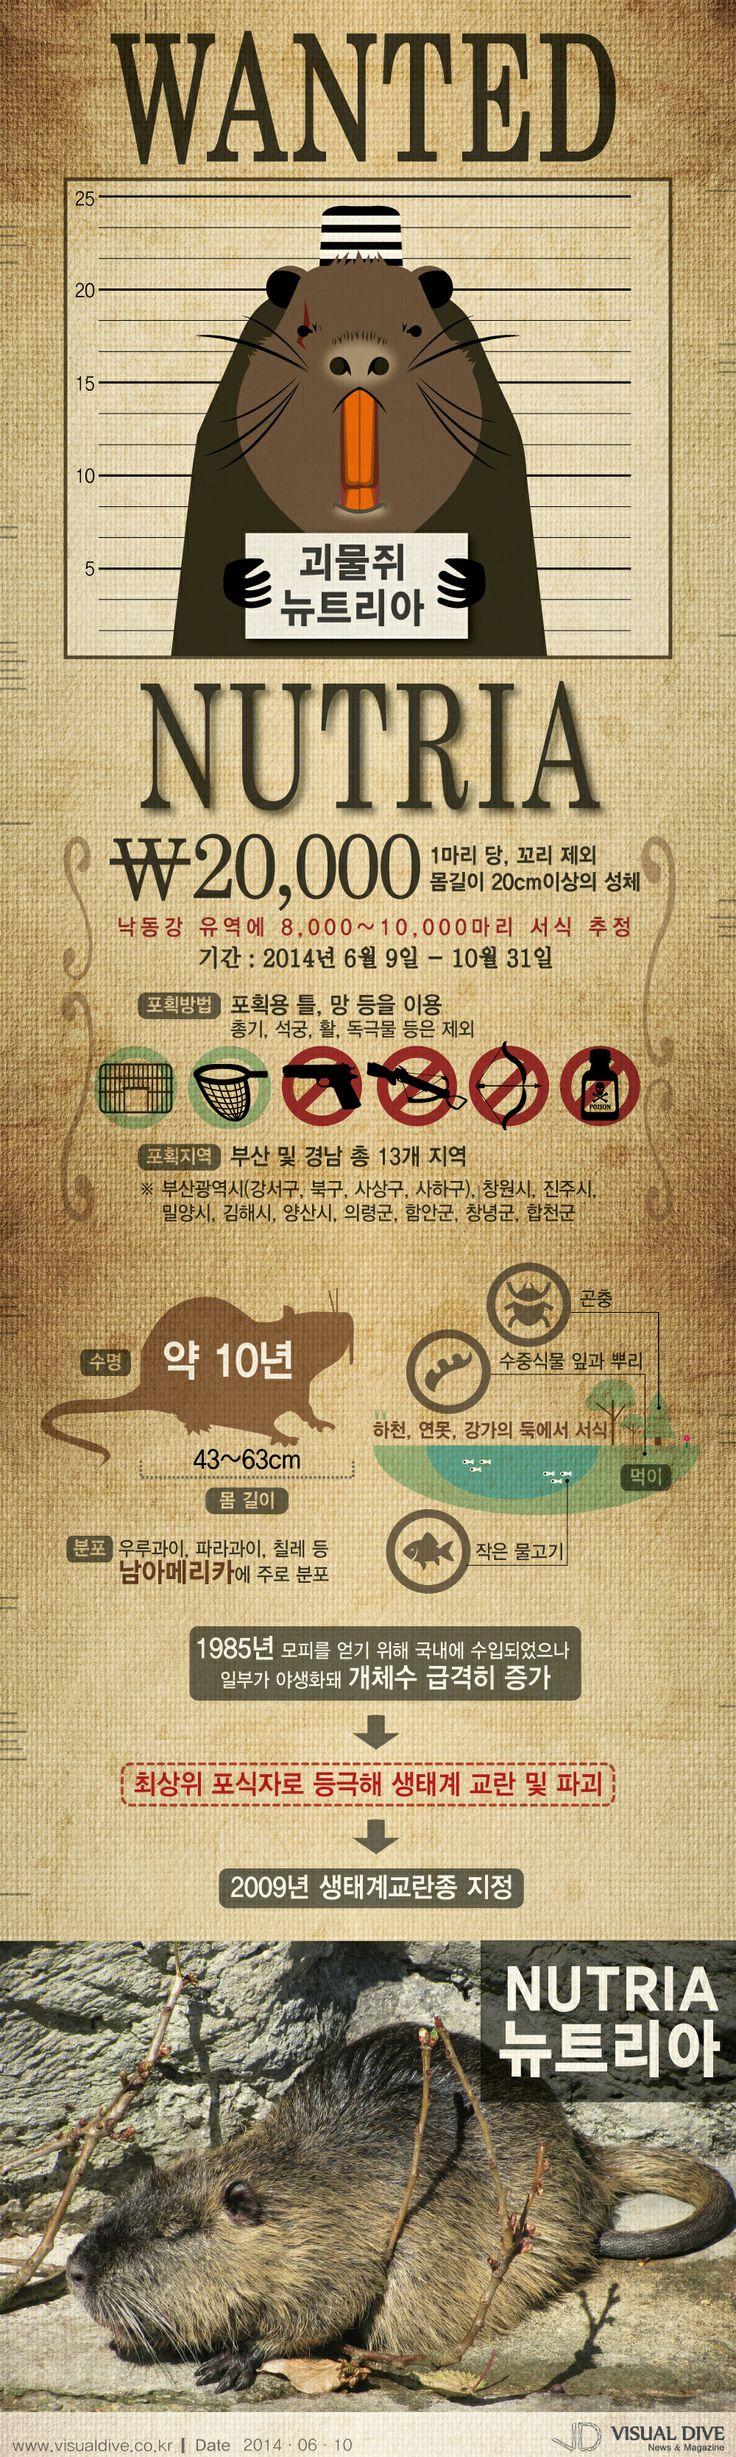 괴물쥐 뉴트리아 1마리당 2만원, 집중수매제 오는 10월말까지 [인포그래픽] #mouse / #Infographic ⓒ 비주얼다이브 무단 복사·전재·재배포 금지